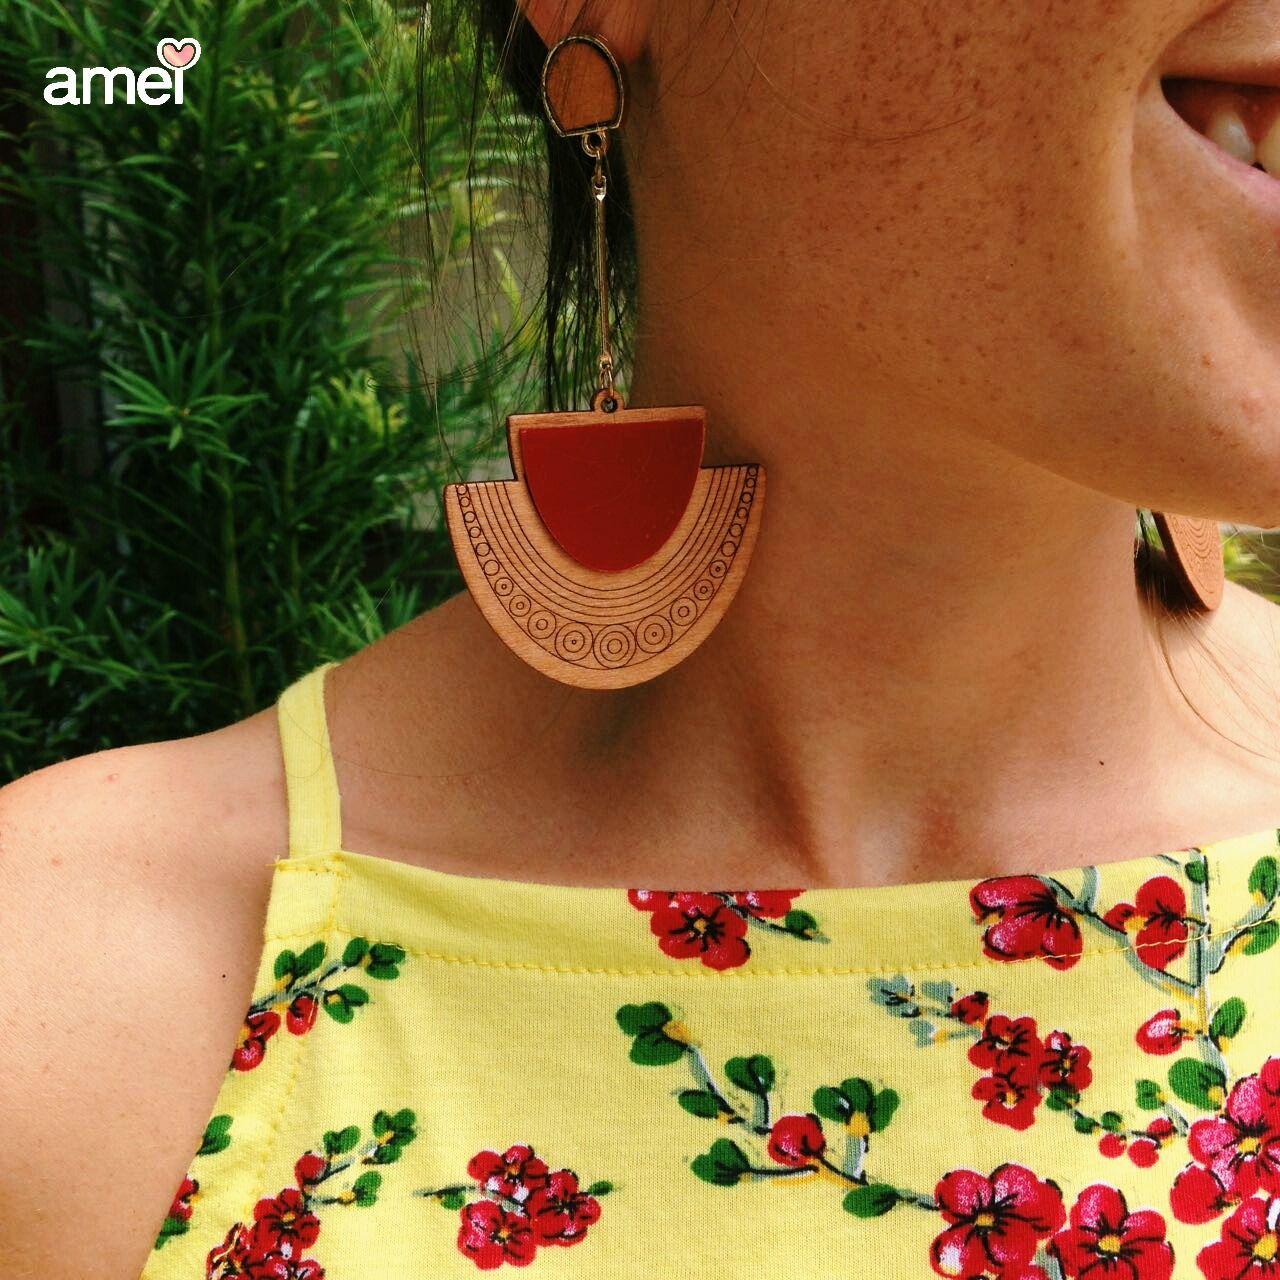 Brincos🔻🍣❤️ #lojaamei #brincos #novidades #moda #madeira #lindos